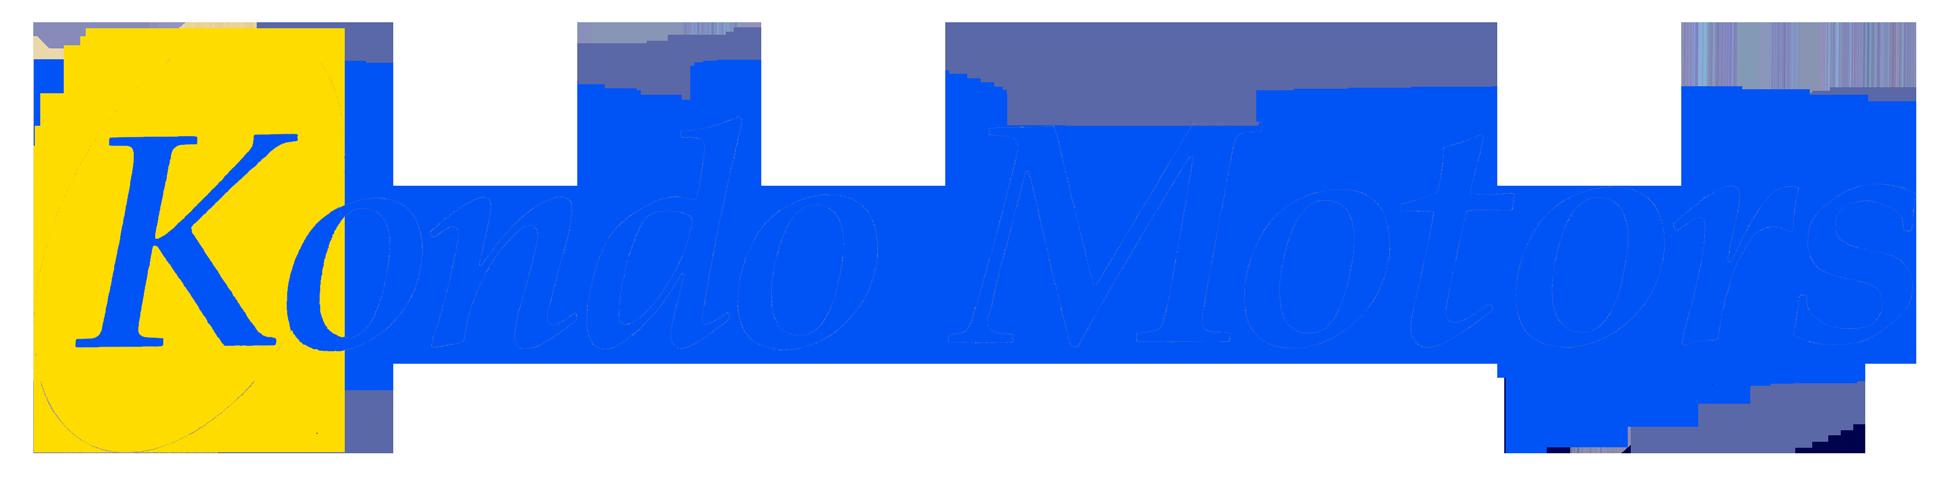 Kondo Motors-近藤モータース